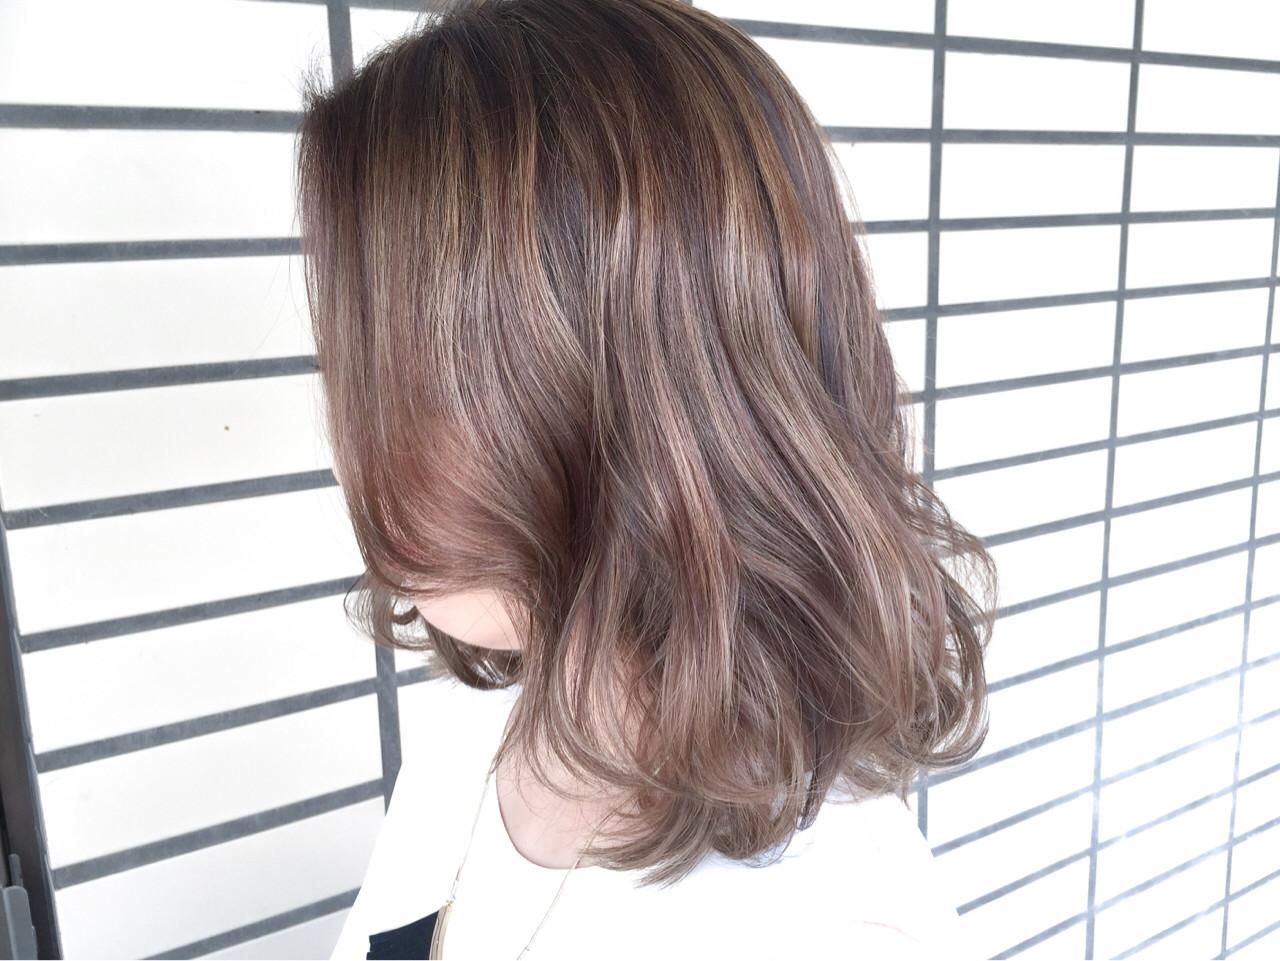 ミディアムヘアの巻き方伝授♡コテとアイロンでゆるふわに仕上げるコツ 濱井 志織 / HairsalonF